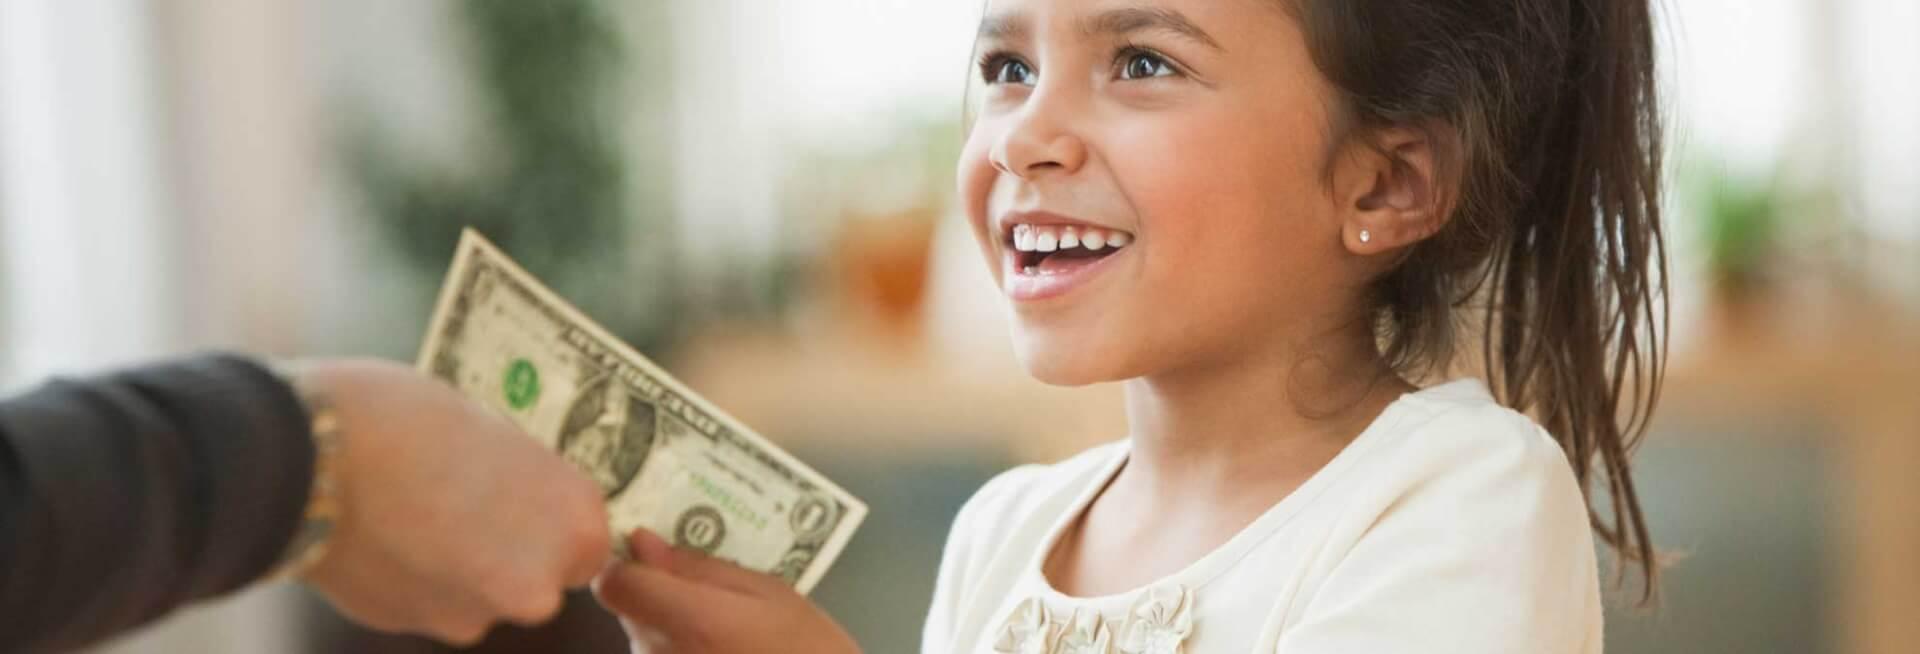 Деньги - неэффективная мотивация для детей. фото: rd.com